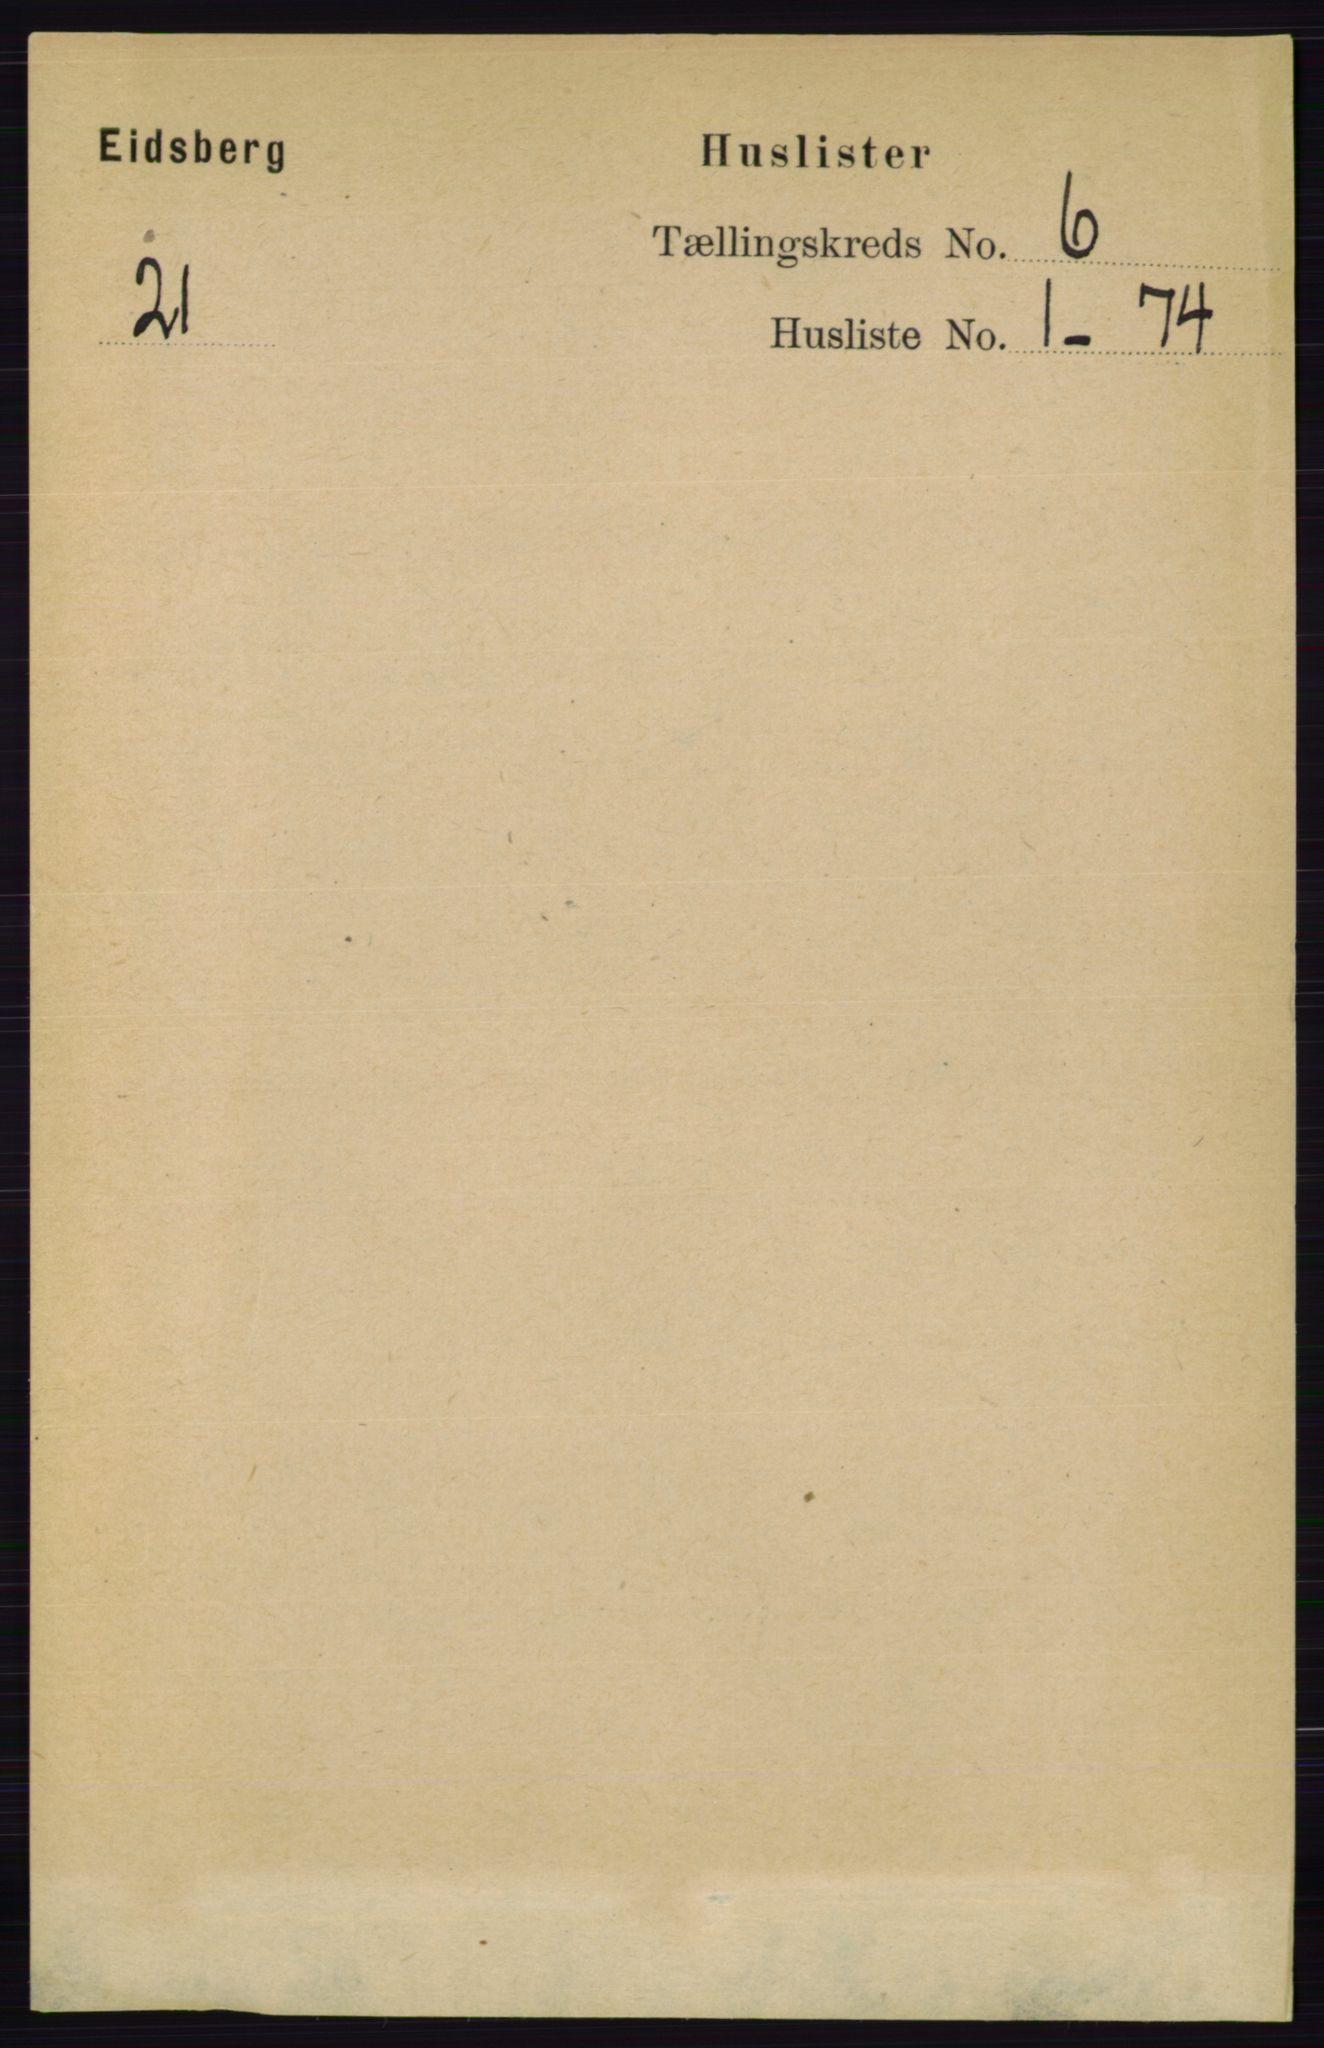 RA, Folketelling 1891 for 0125 Eidsberg herred, 1891, s. 3486